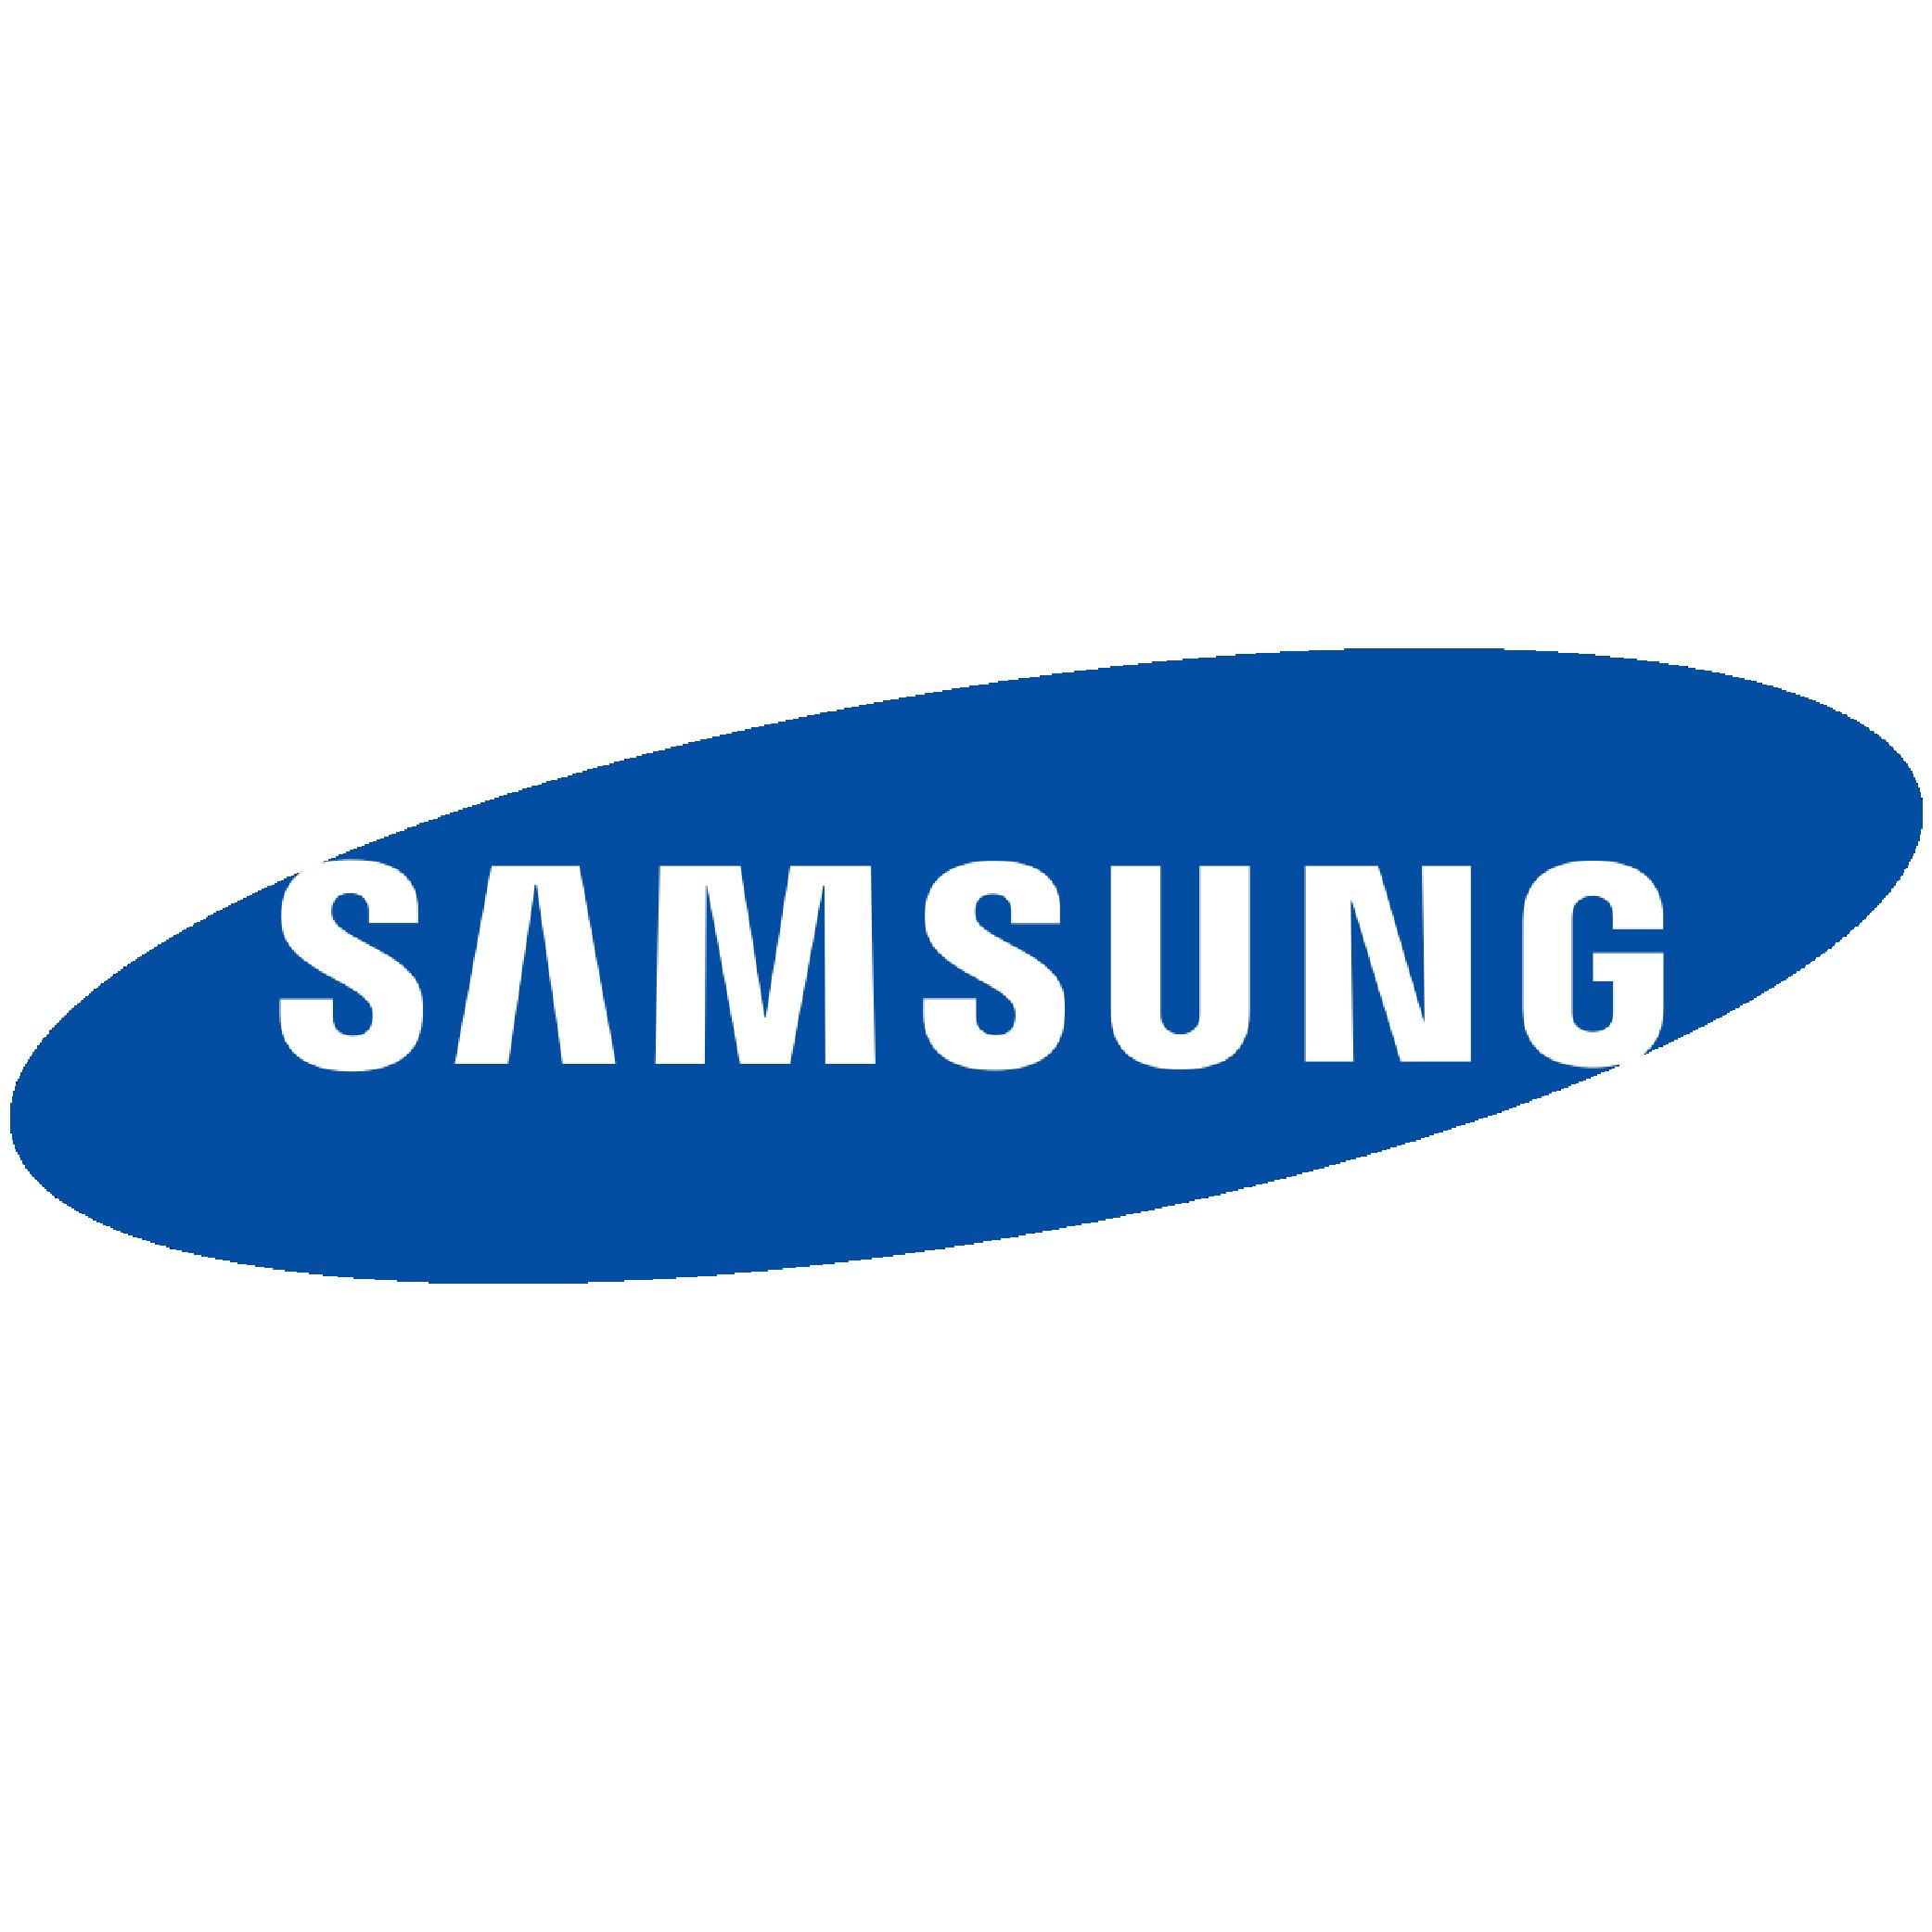 Copia de Samsung-01